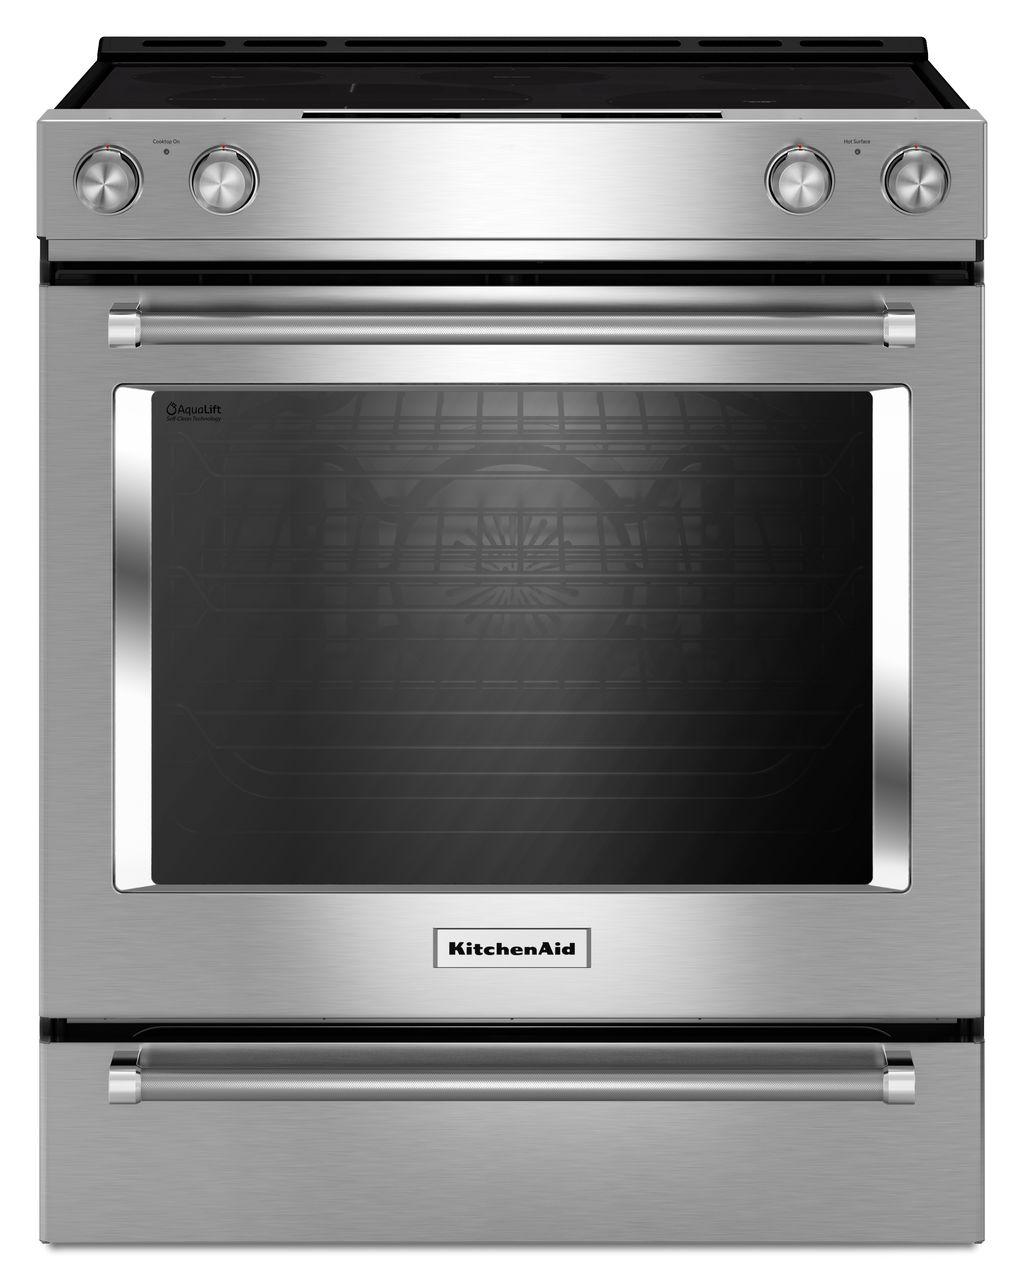 KitchenAid Range/Stove/Oven Model KSEB900ESS0 Parts